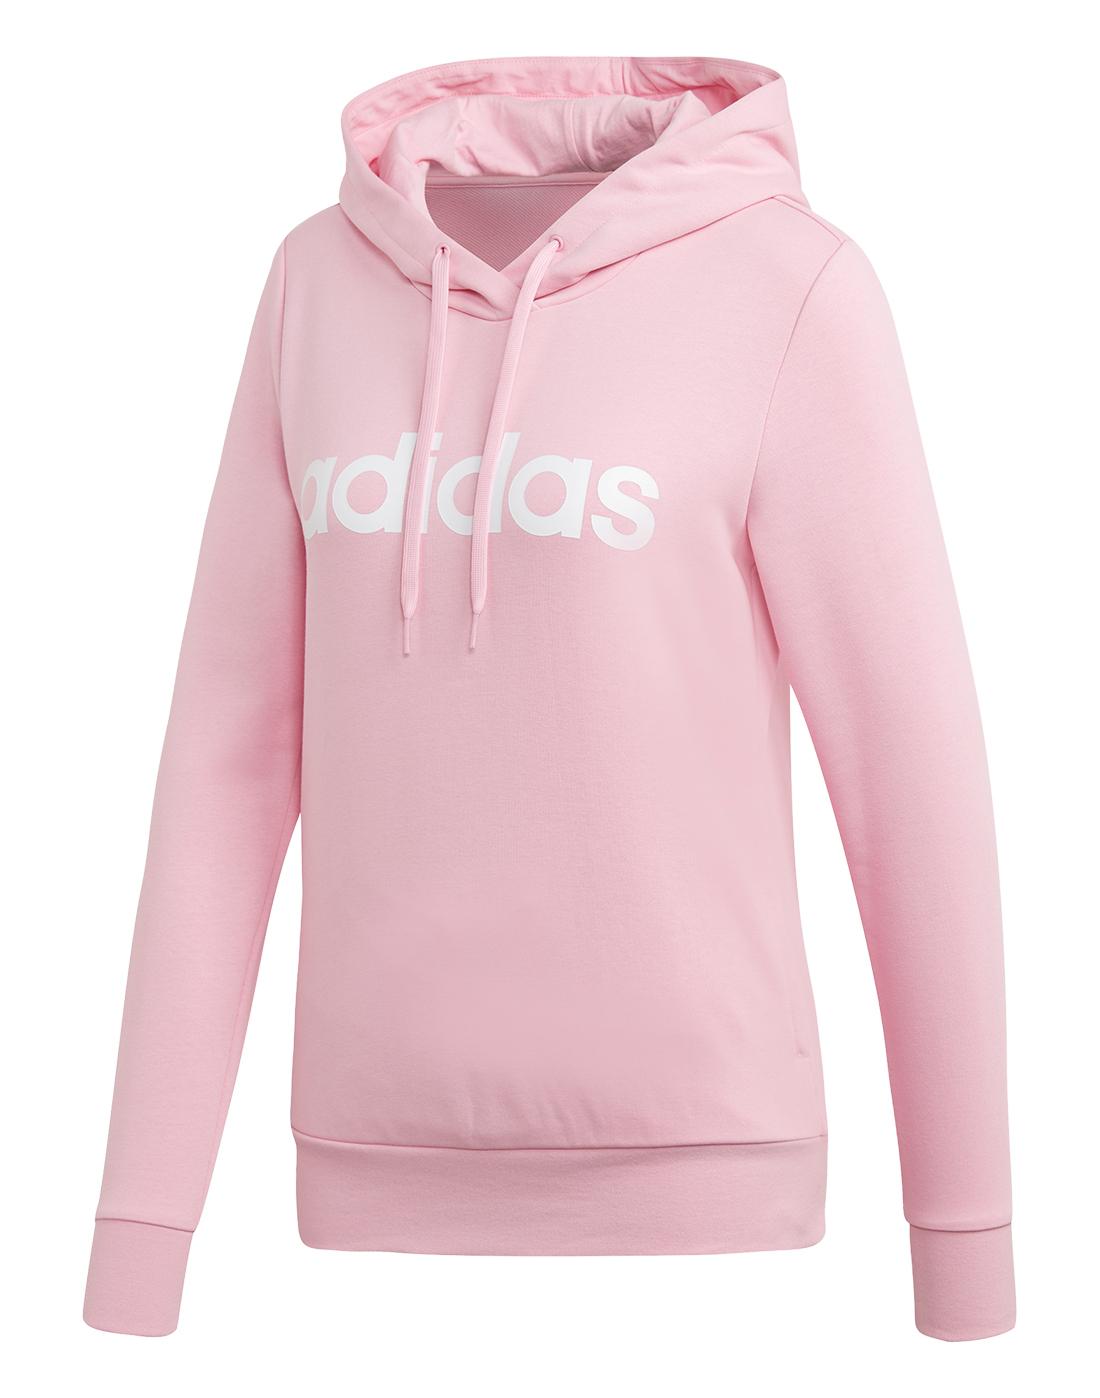 1d7172bdf472 Women s Pink adidas Hoodie